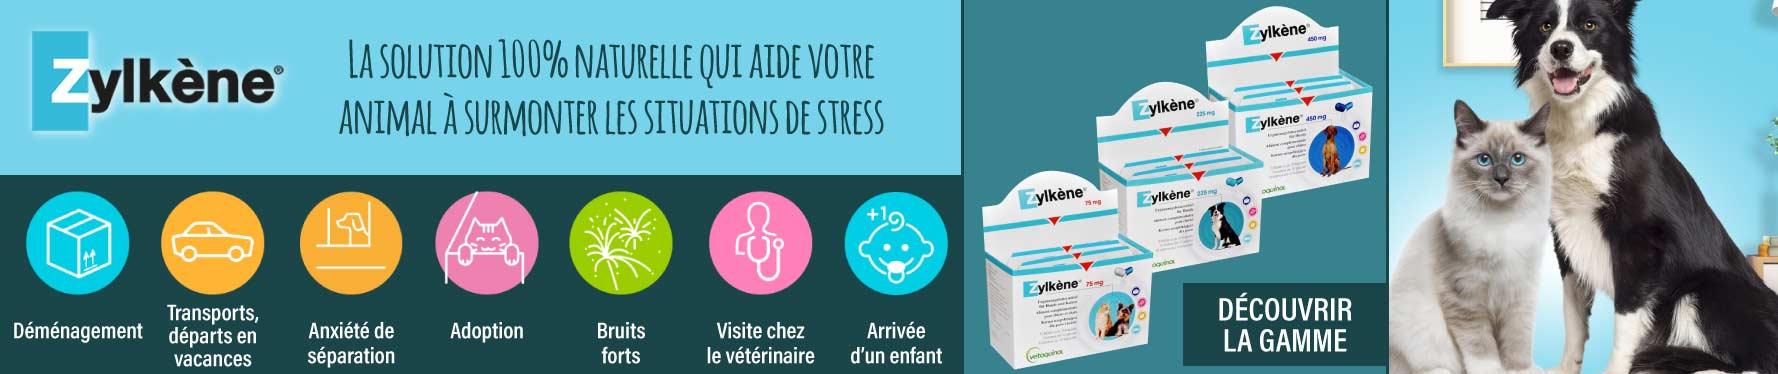 Zylkène contre le stress